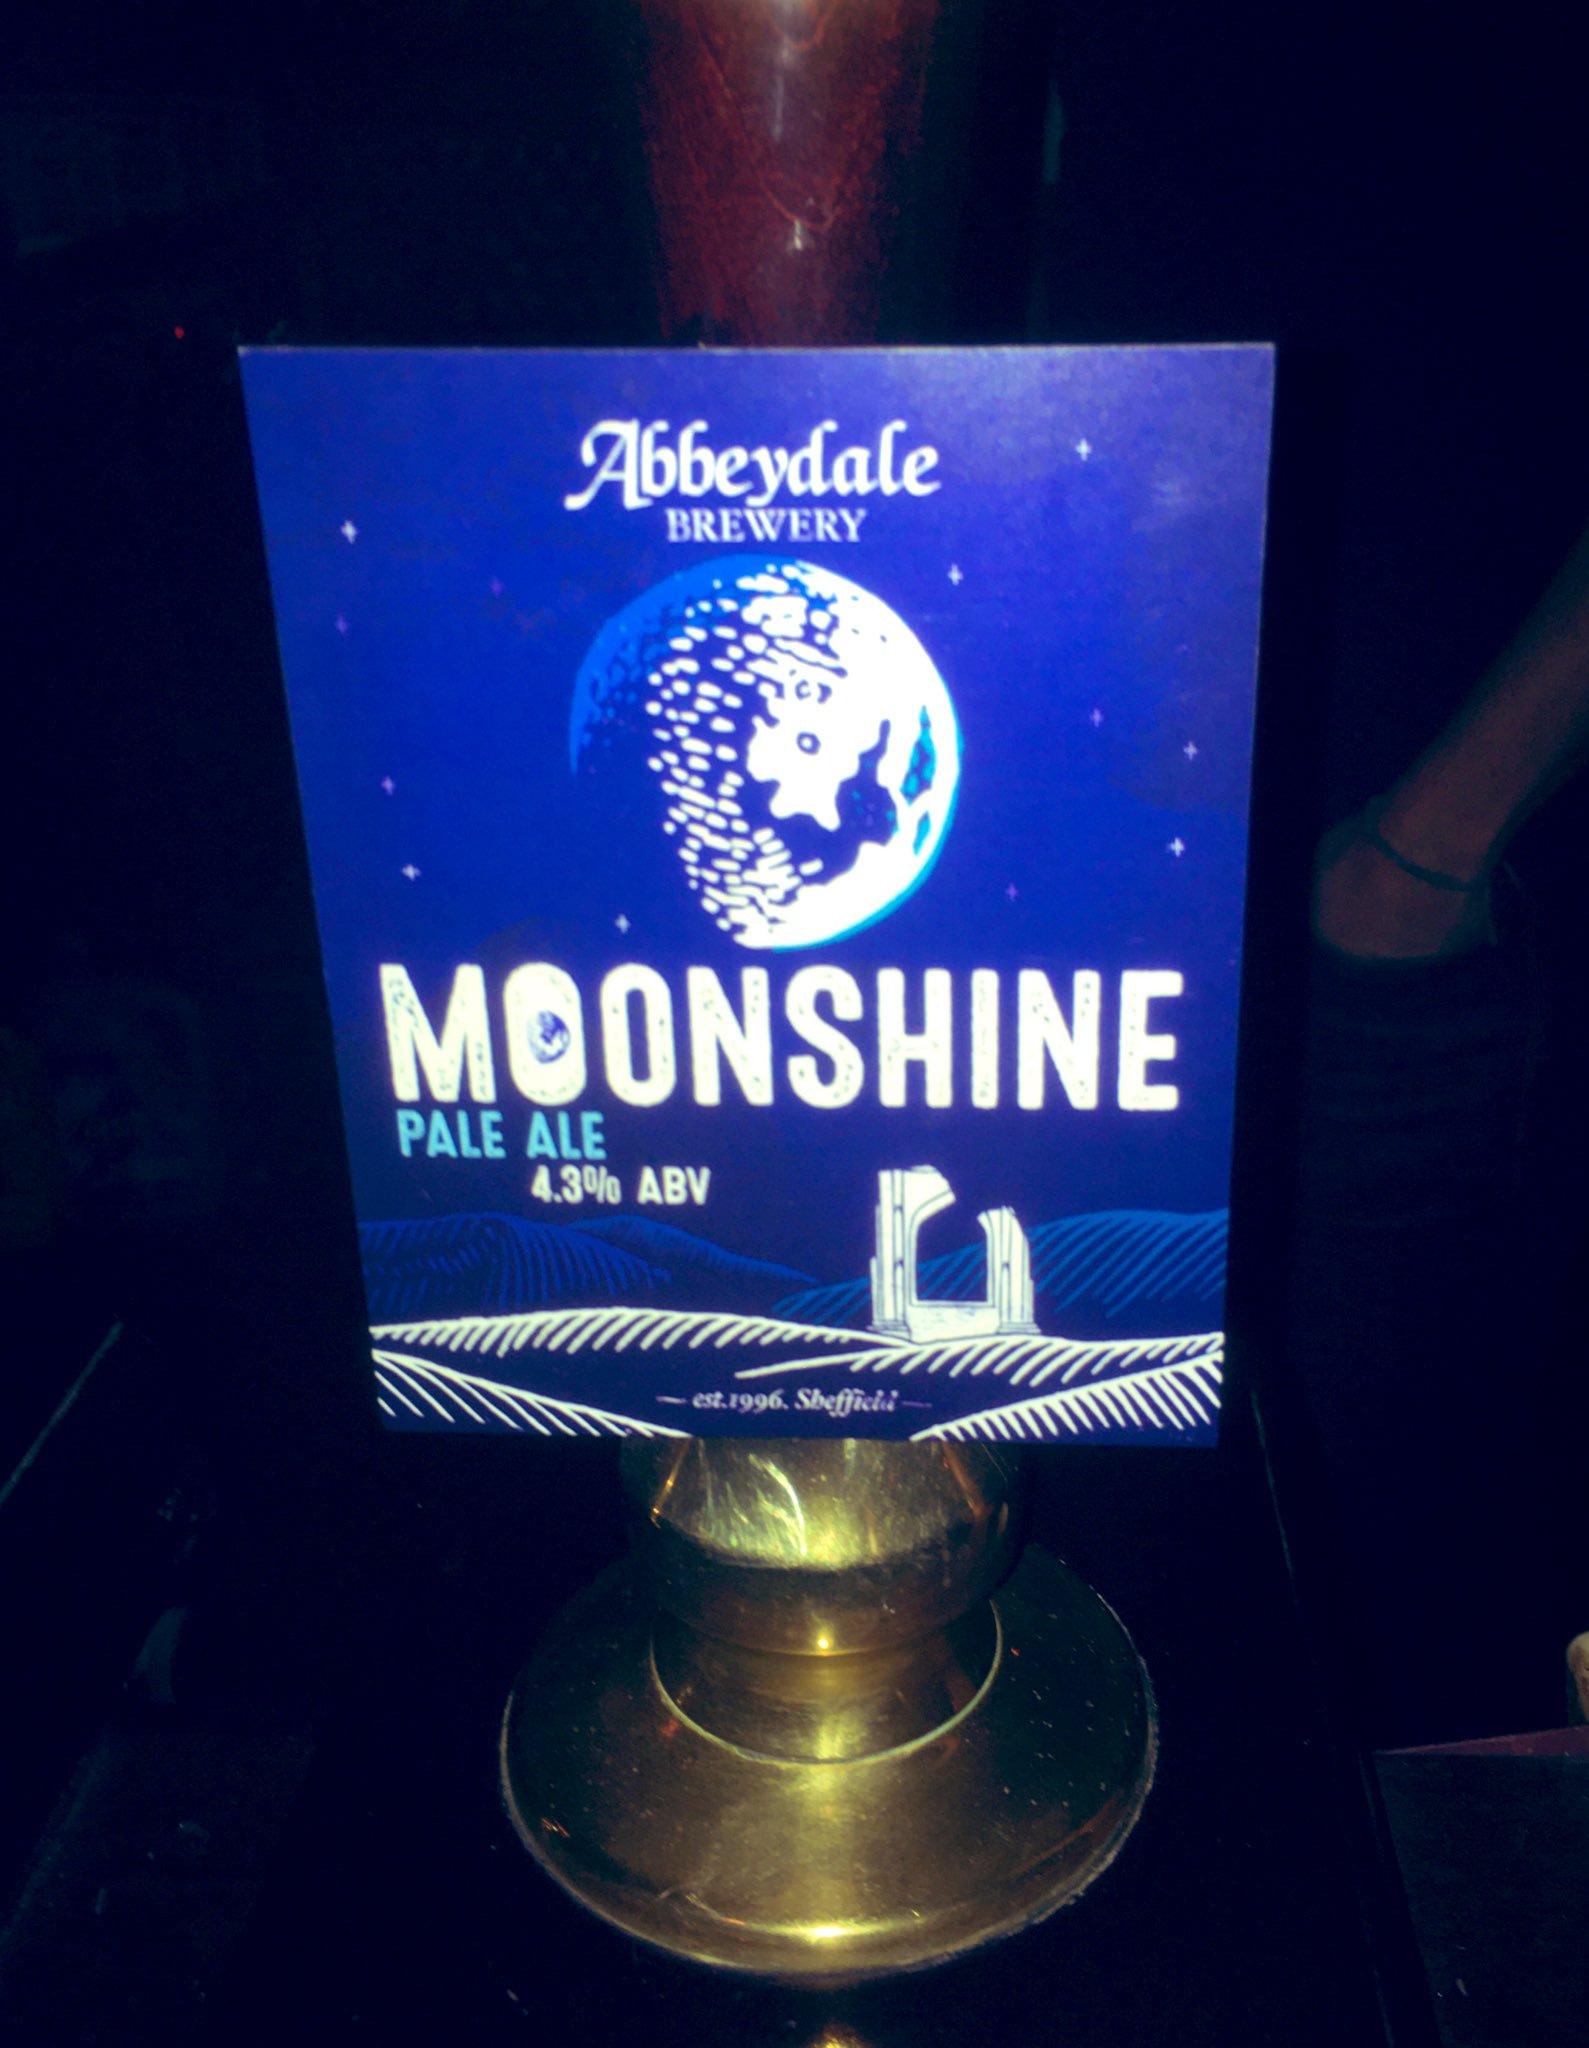 336: Moonshine